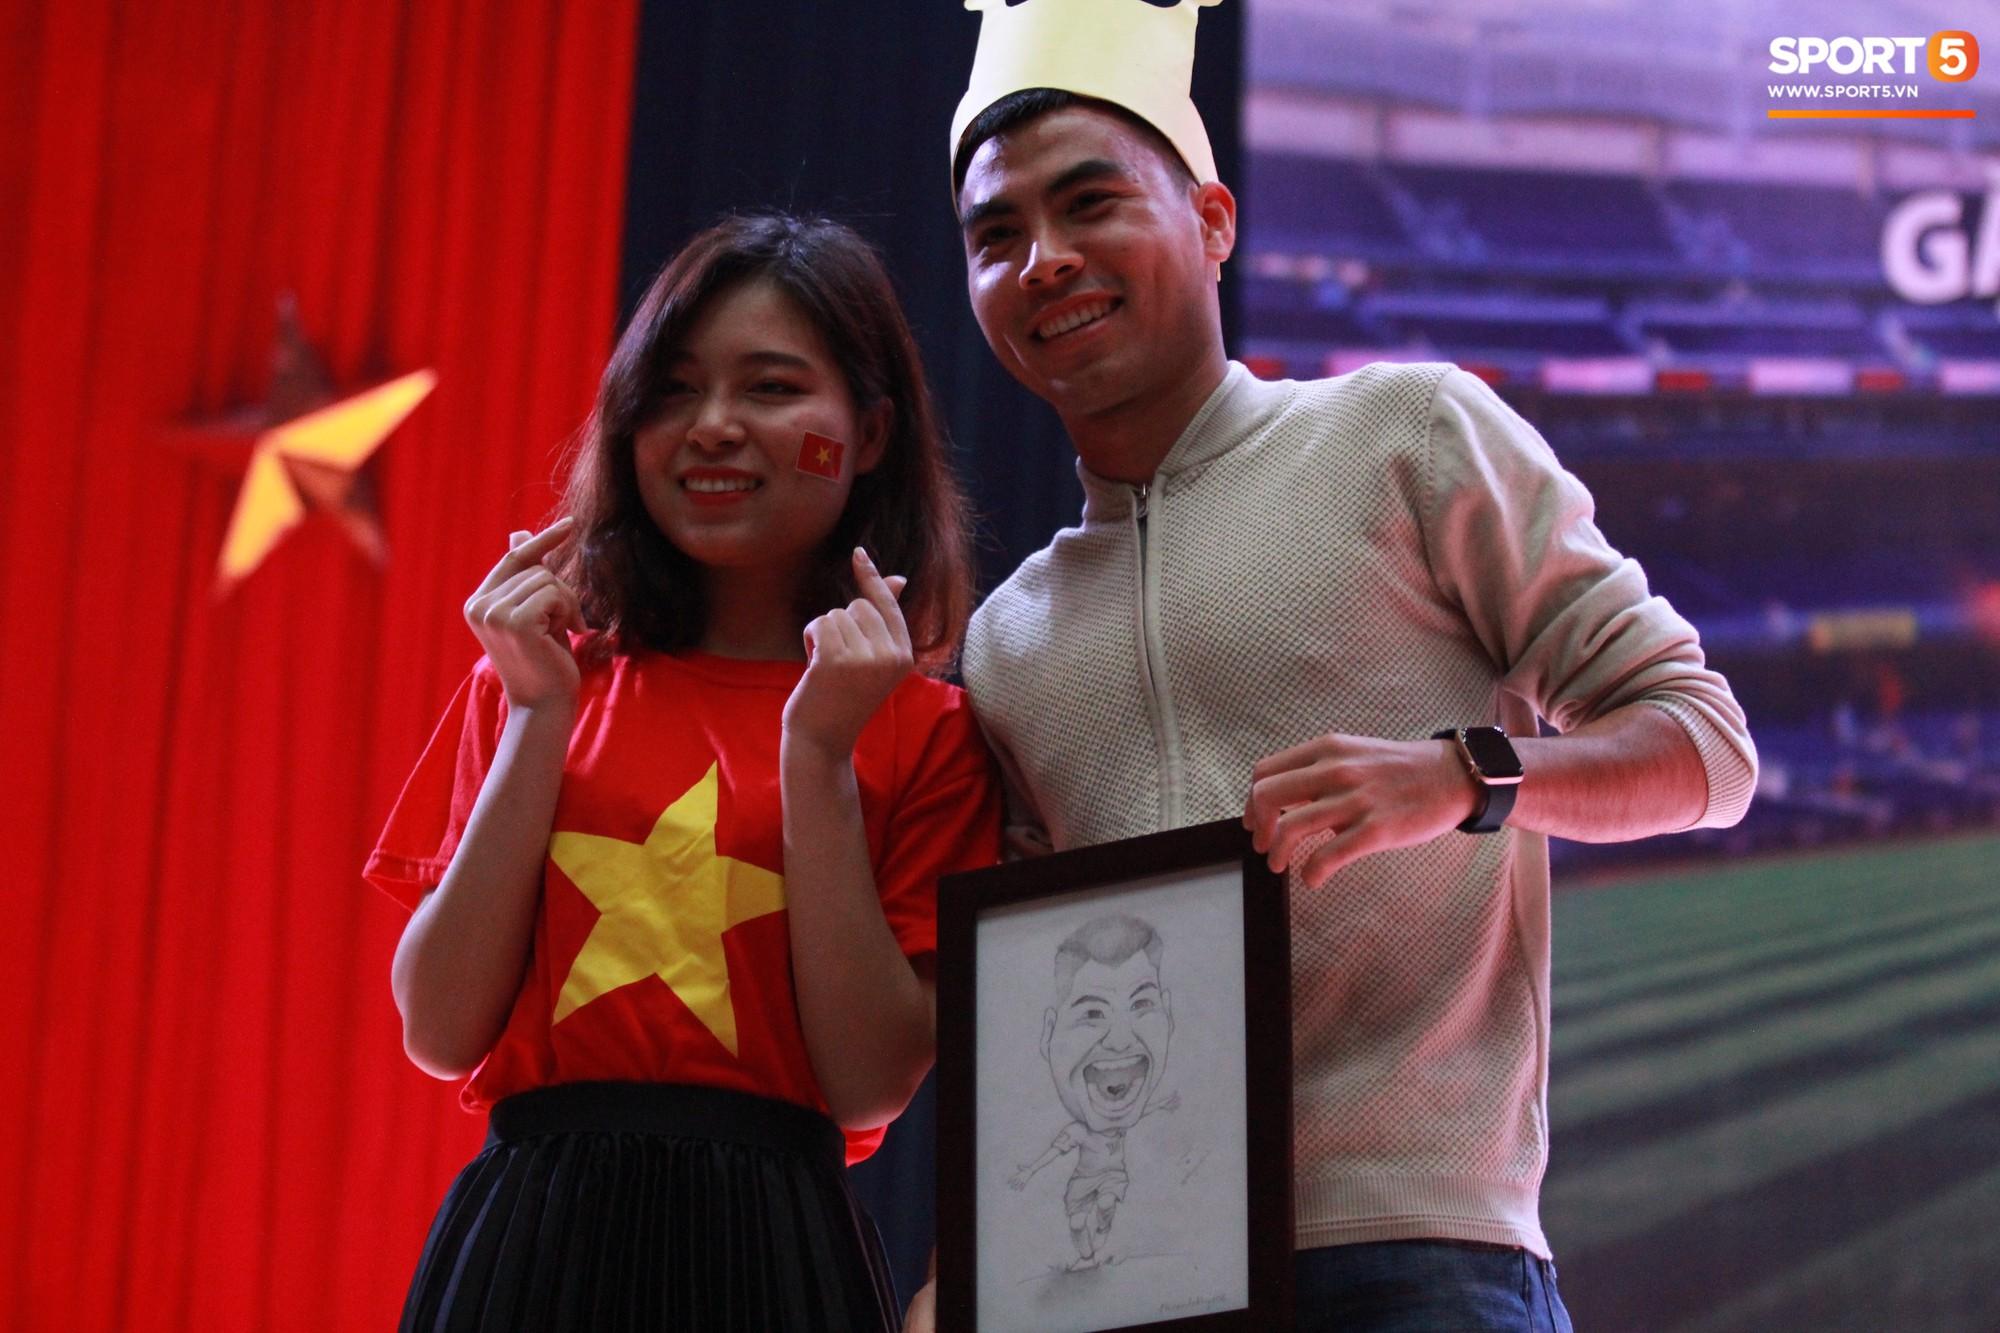 Nhà vô địch Phạm Đức Huy truyền cảm hứng cho sinh viên Học viện Công nghệ Bưu chính Viễn thông - Ảnh 6.